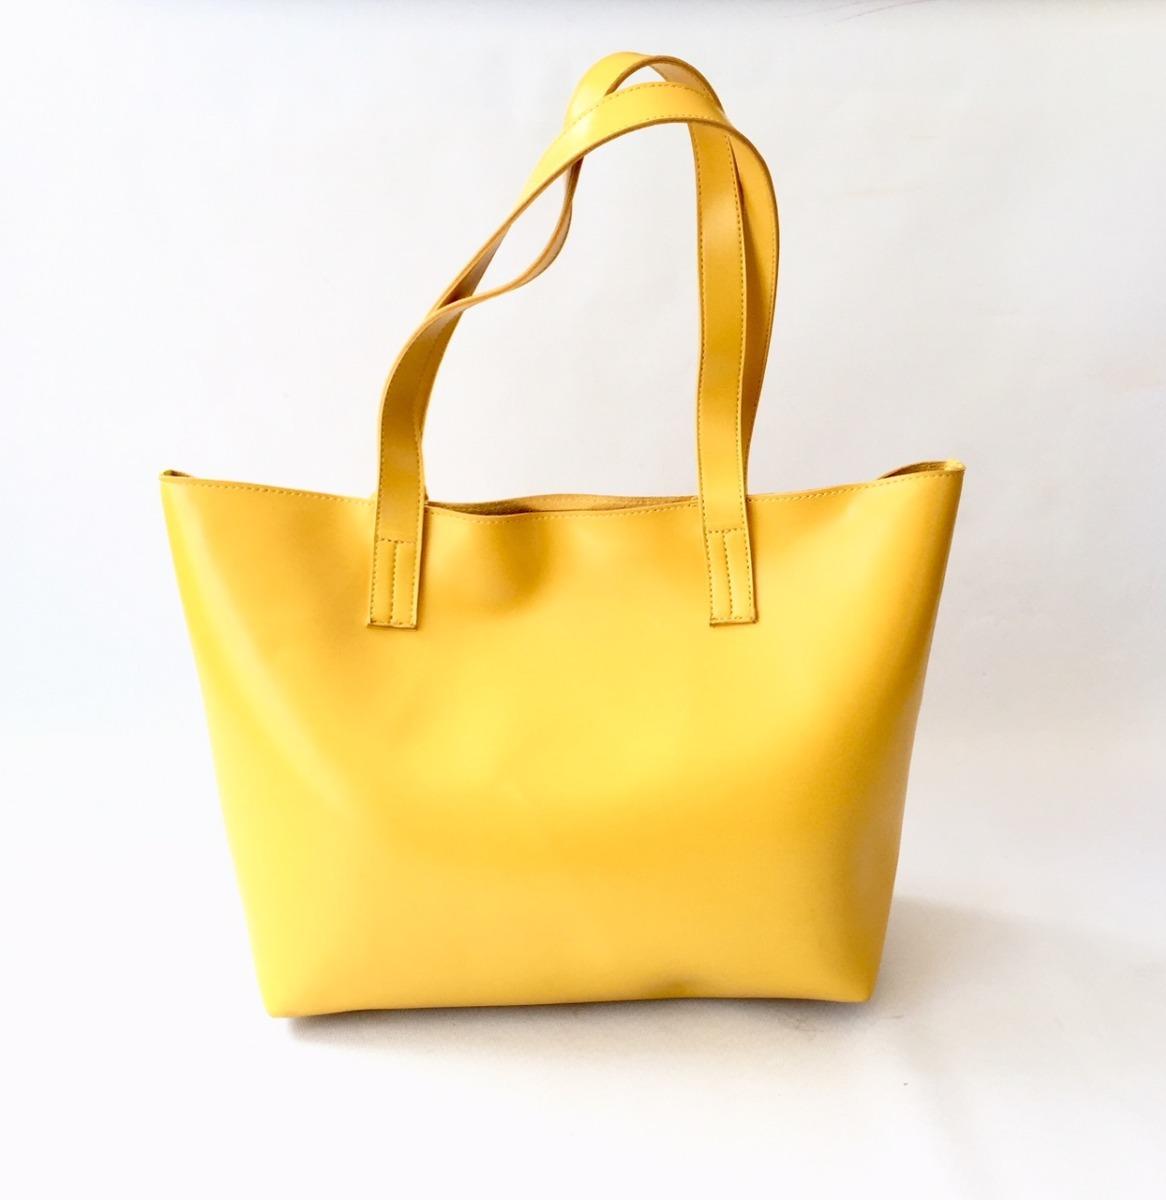 Amarela Bolsa Couro Fashion Em Ecológico WE9YH2eDI